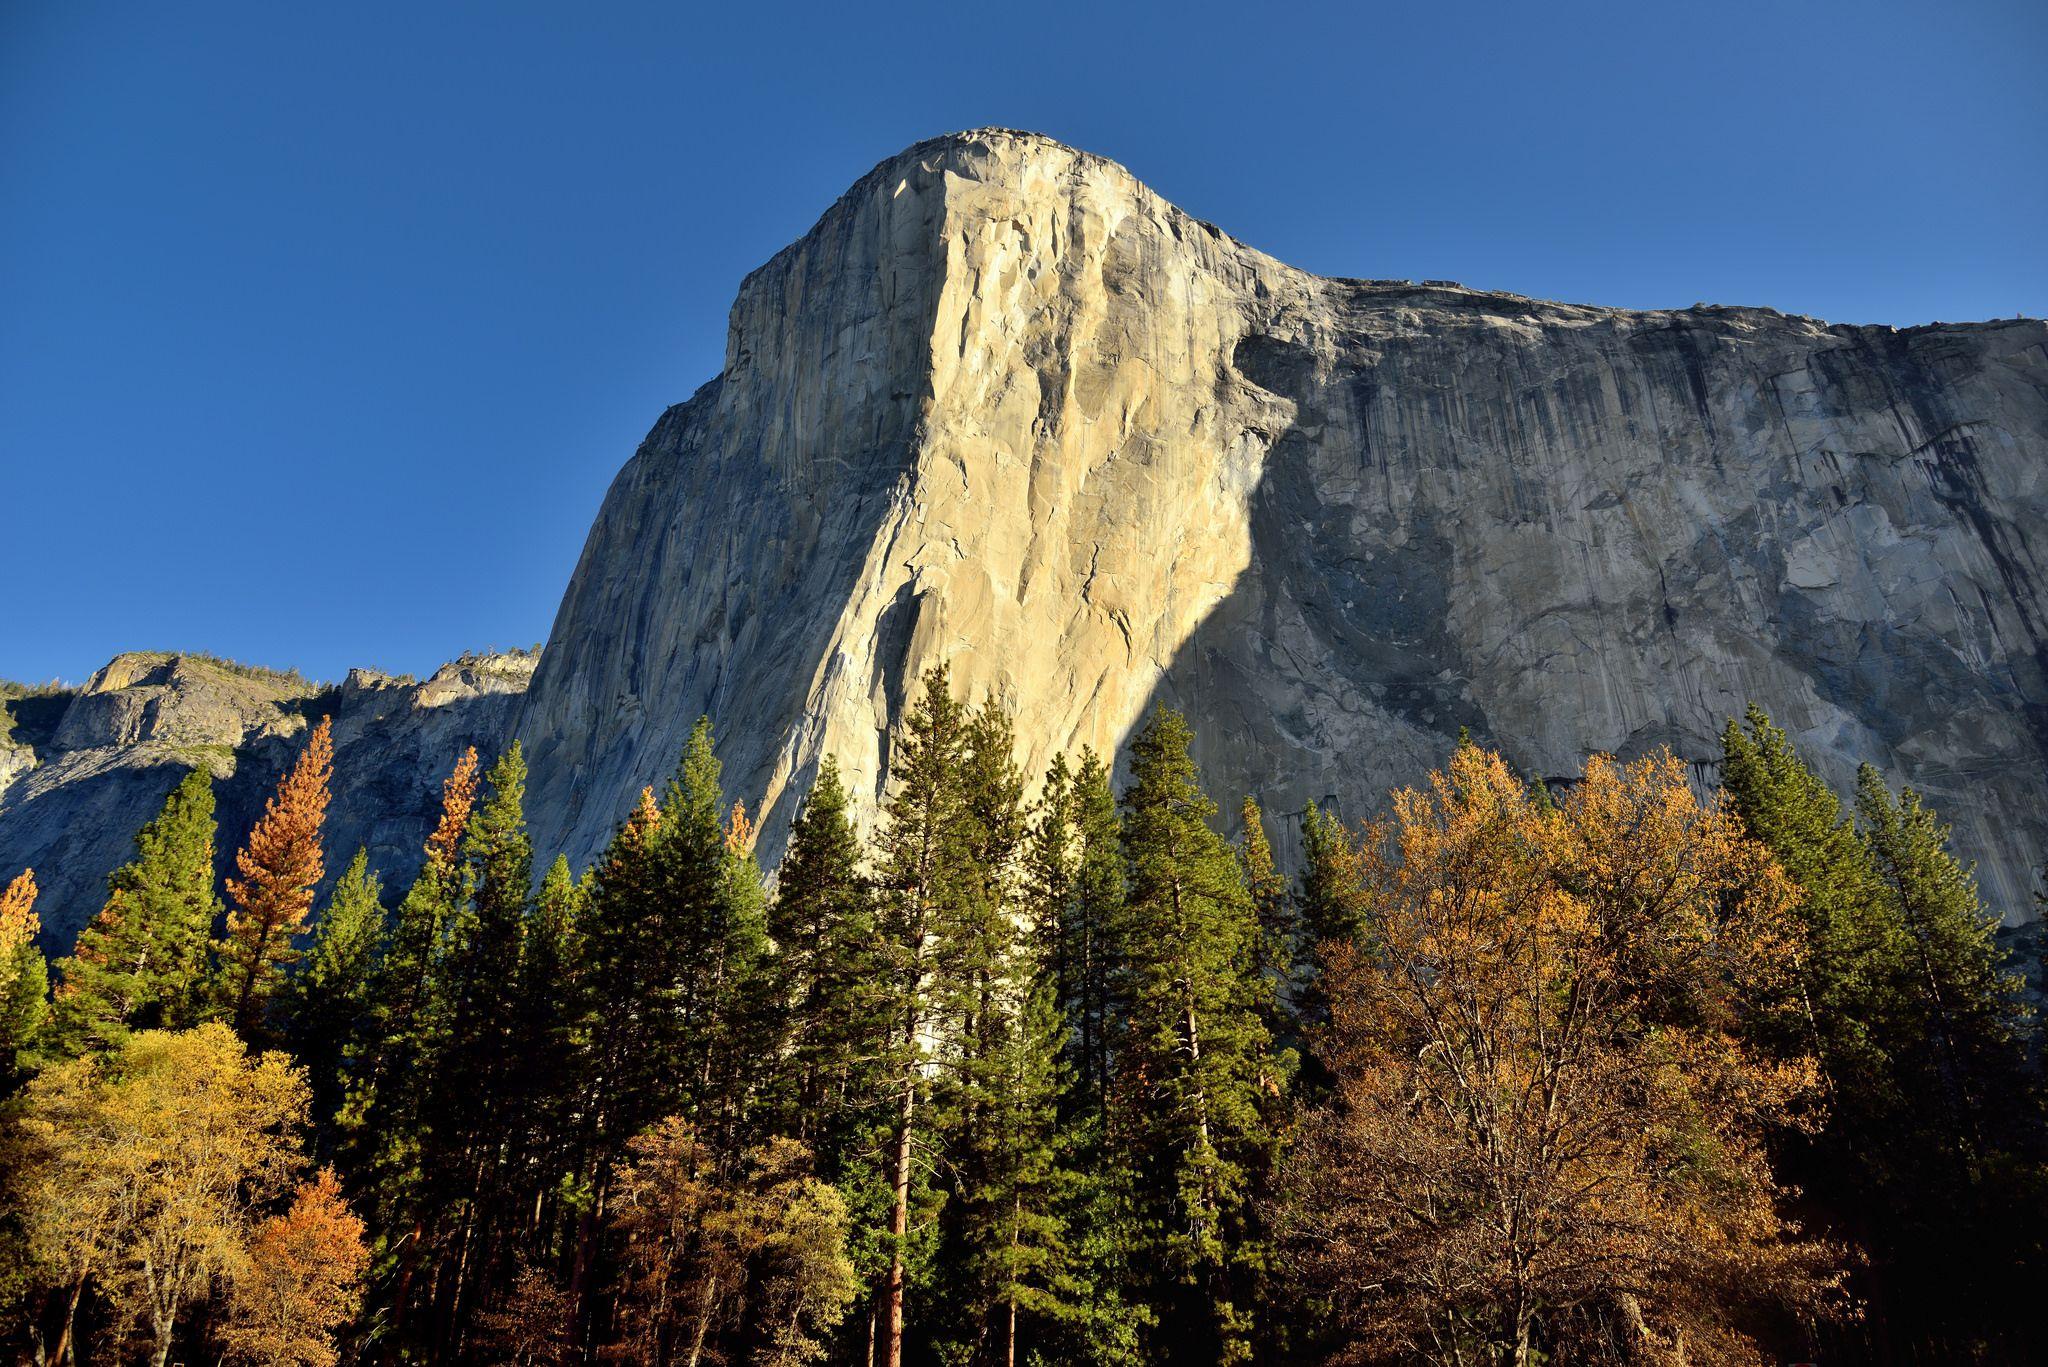 Pin by Emily Card on Arizona ️ California ️ Yosemite in